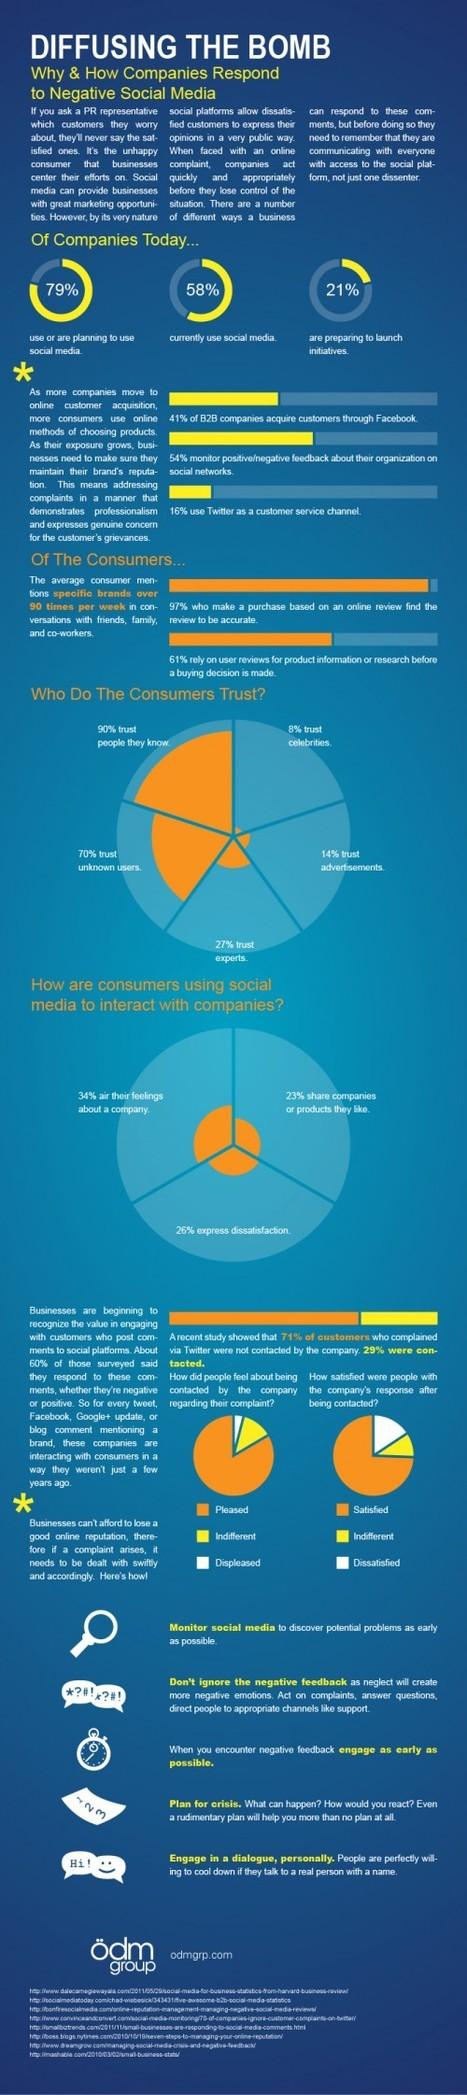 [Infographie] Comment les marques réagissent face à un bad buzz sur les médias sociaux ? - Websourcing.fr | Social-Media-Storytelling | Scoop.it